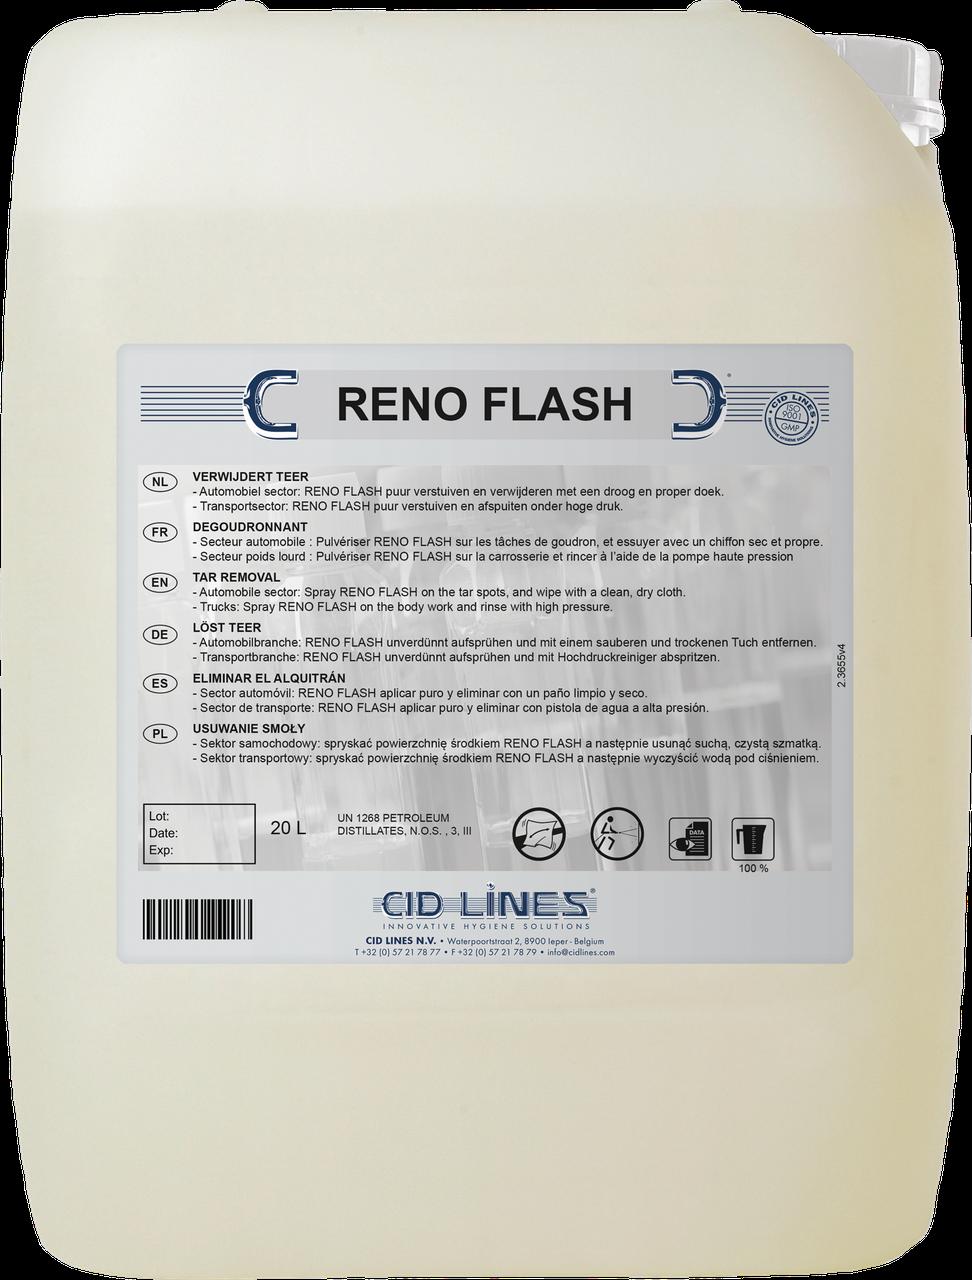 Renoflash